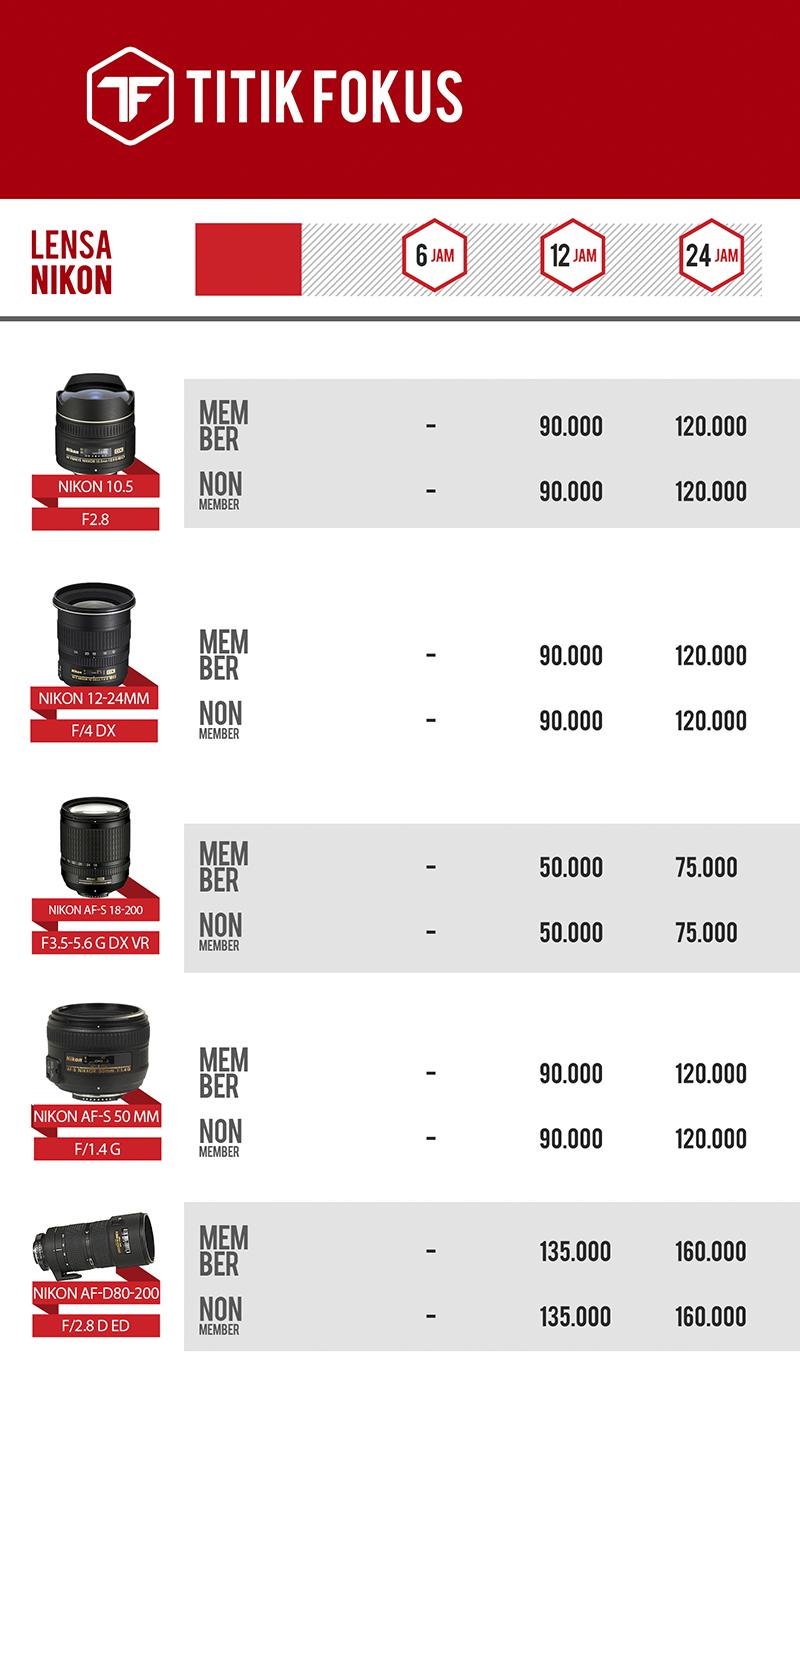 Daftar Harga Lensa Nikon Weekend